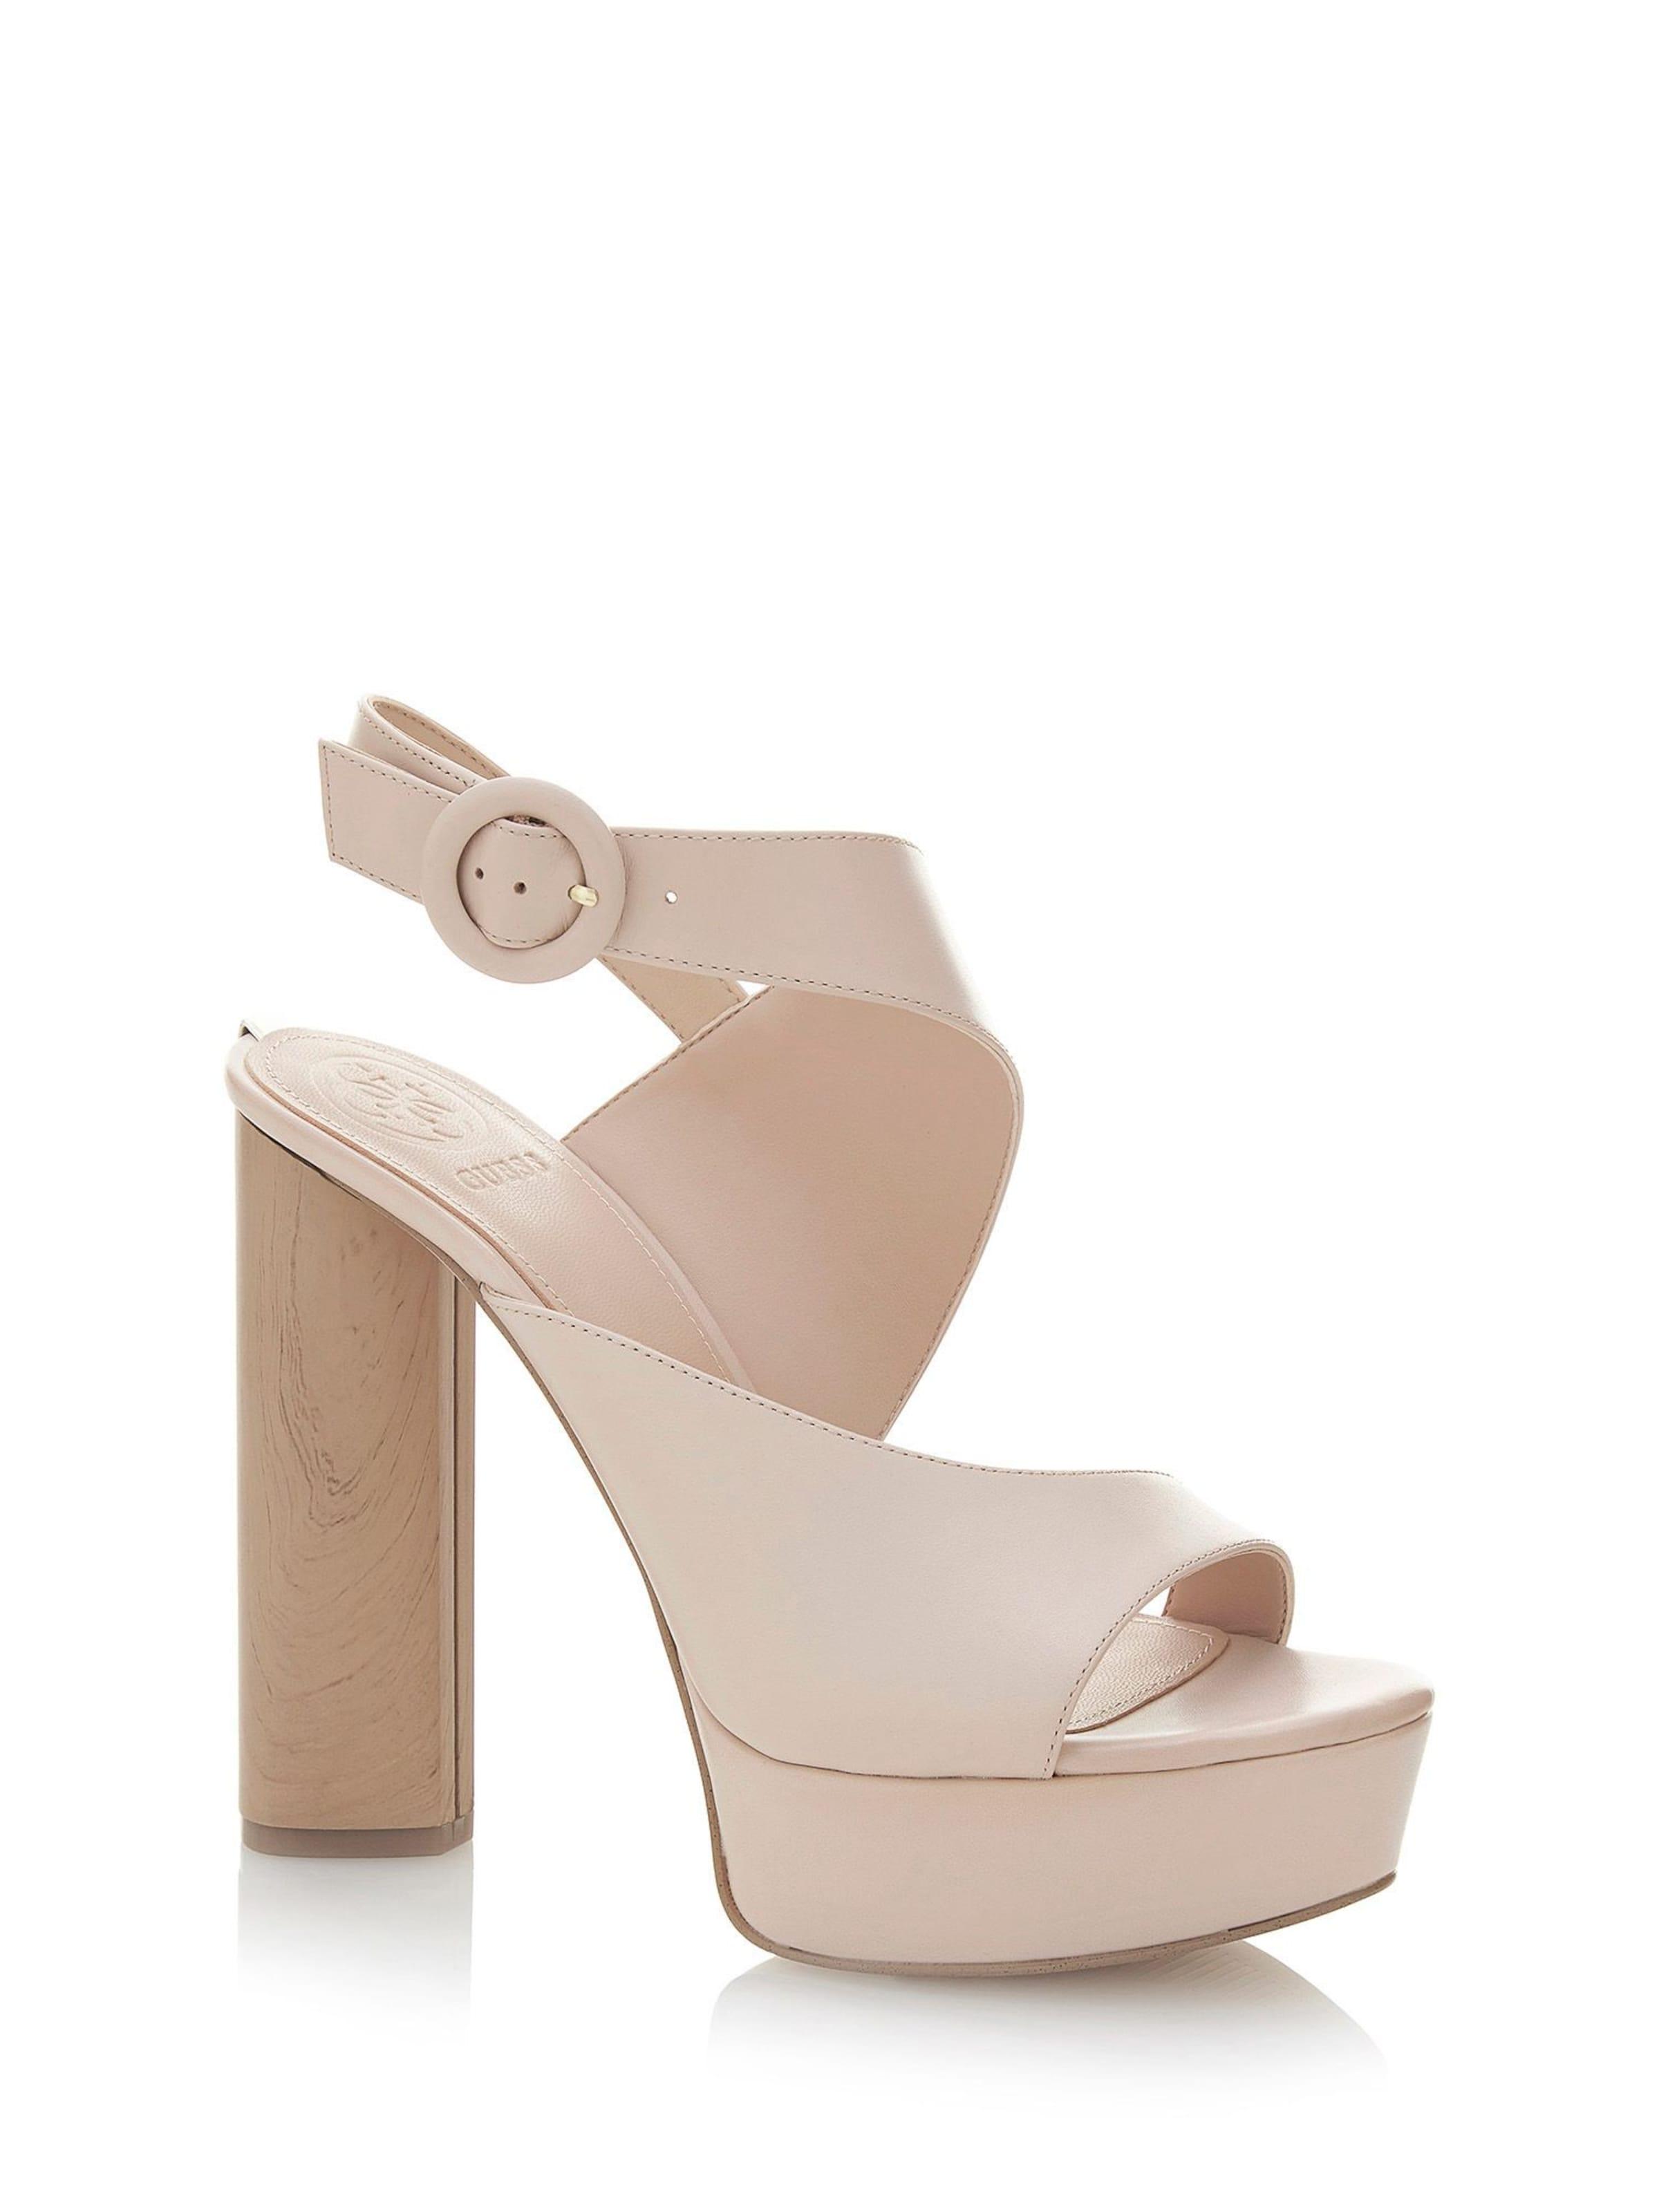 Haltbare Mode billige Schuhe GUESS | SANDALETTE 'MAKENNA' Schuhe Gut getragene Schuhe